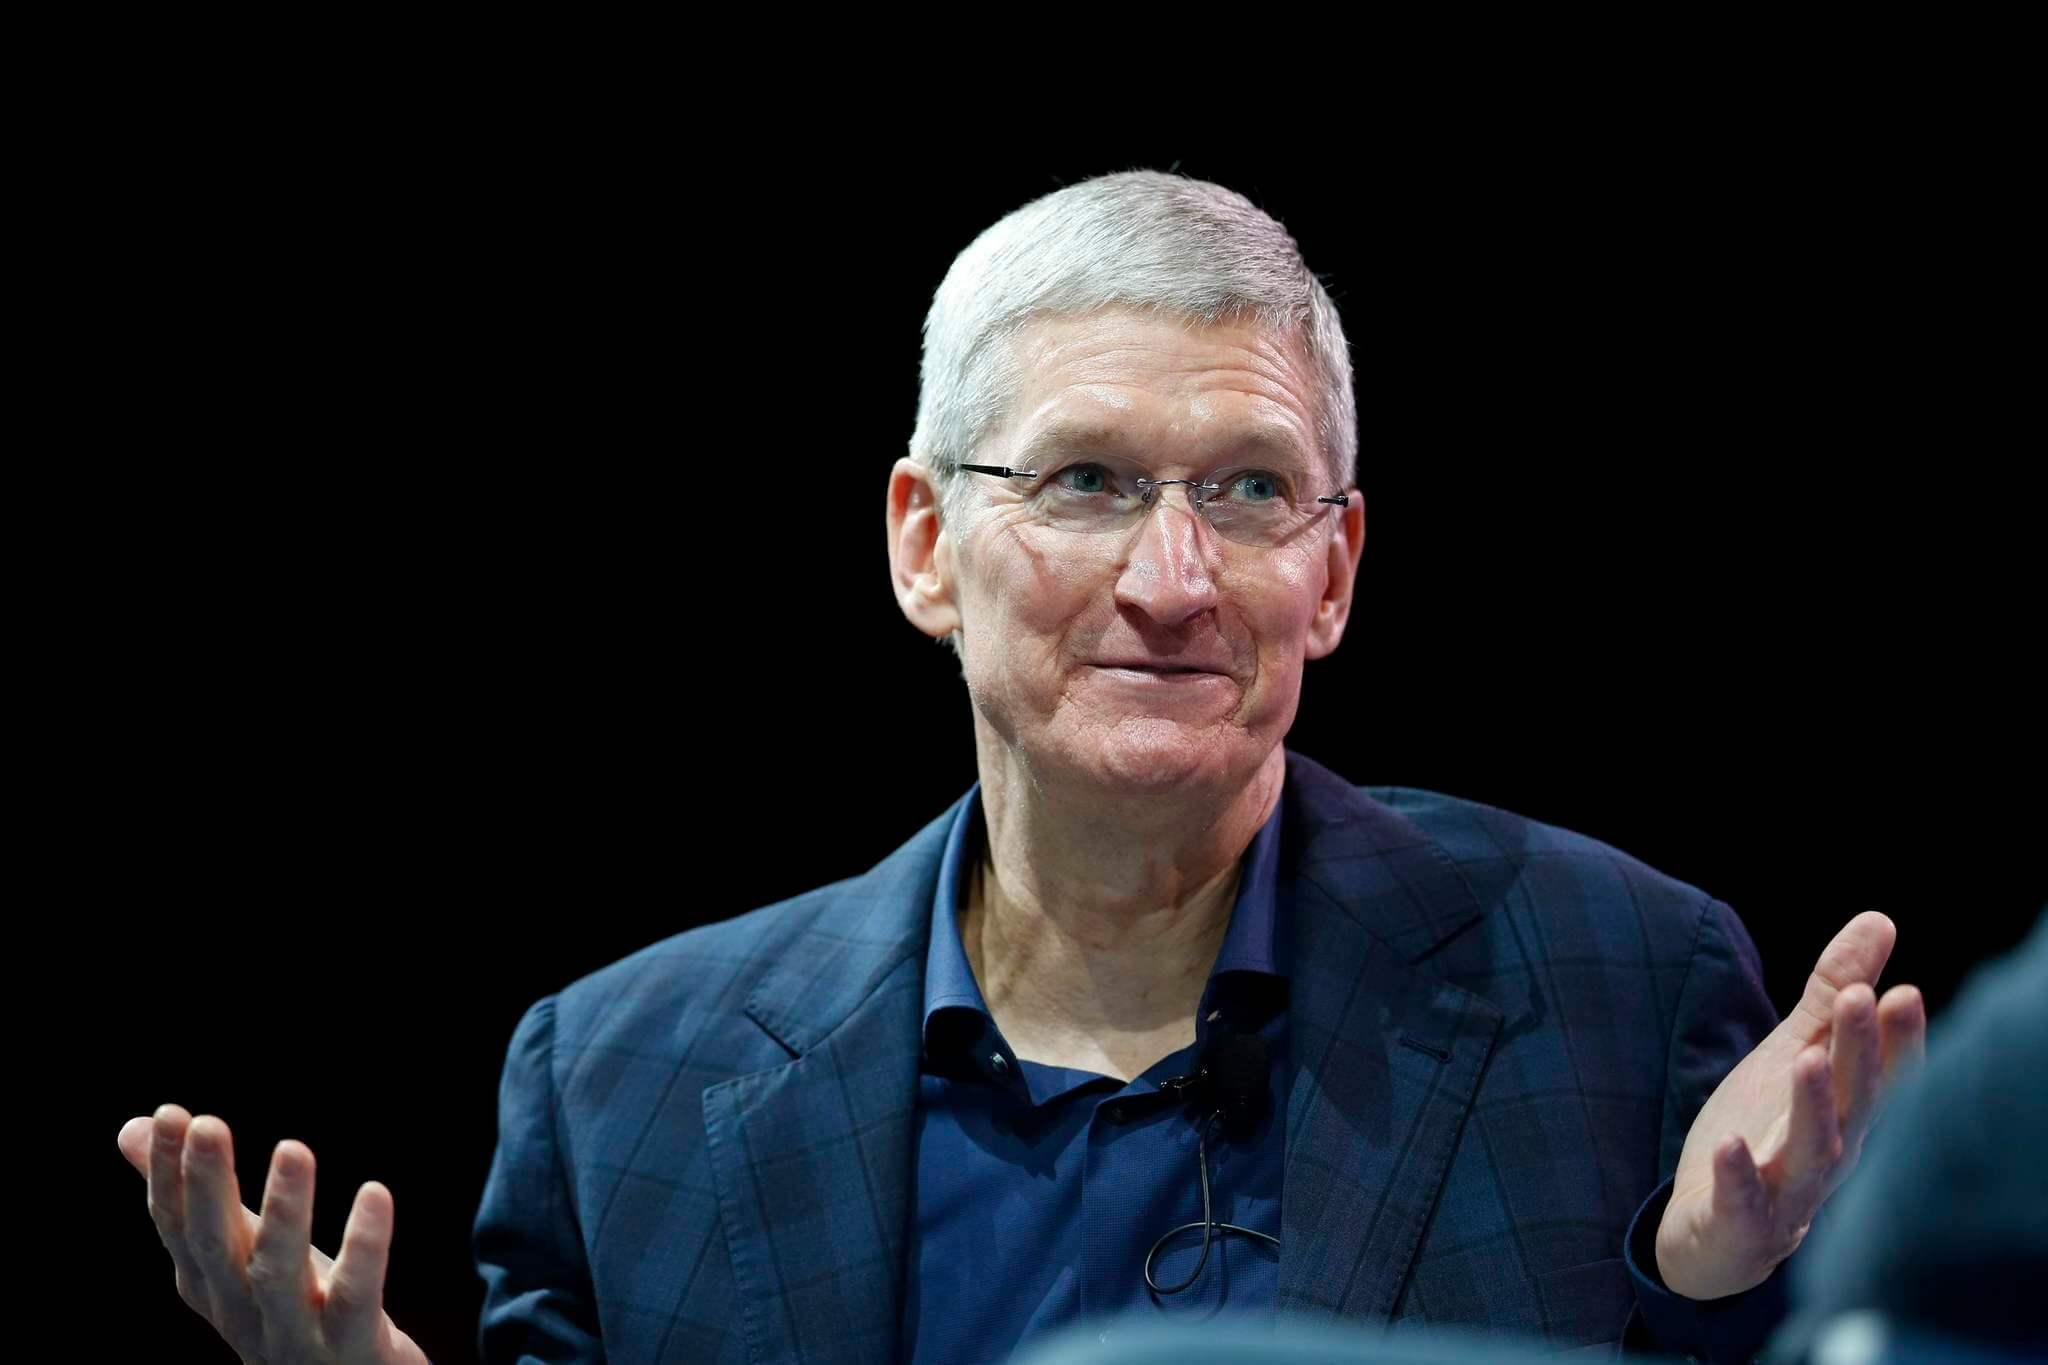 Apple CEO'su Tim Cook İtiraf Etti: Yapay Zeka Yazılımlarıyla Sizi Zaten İzliyoruz!